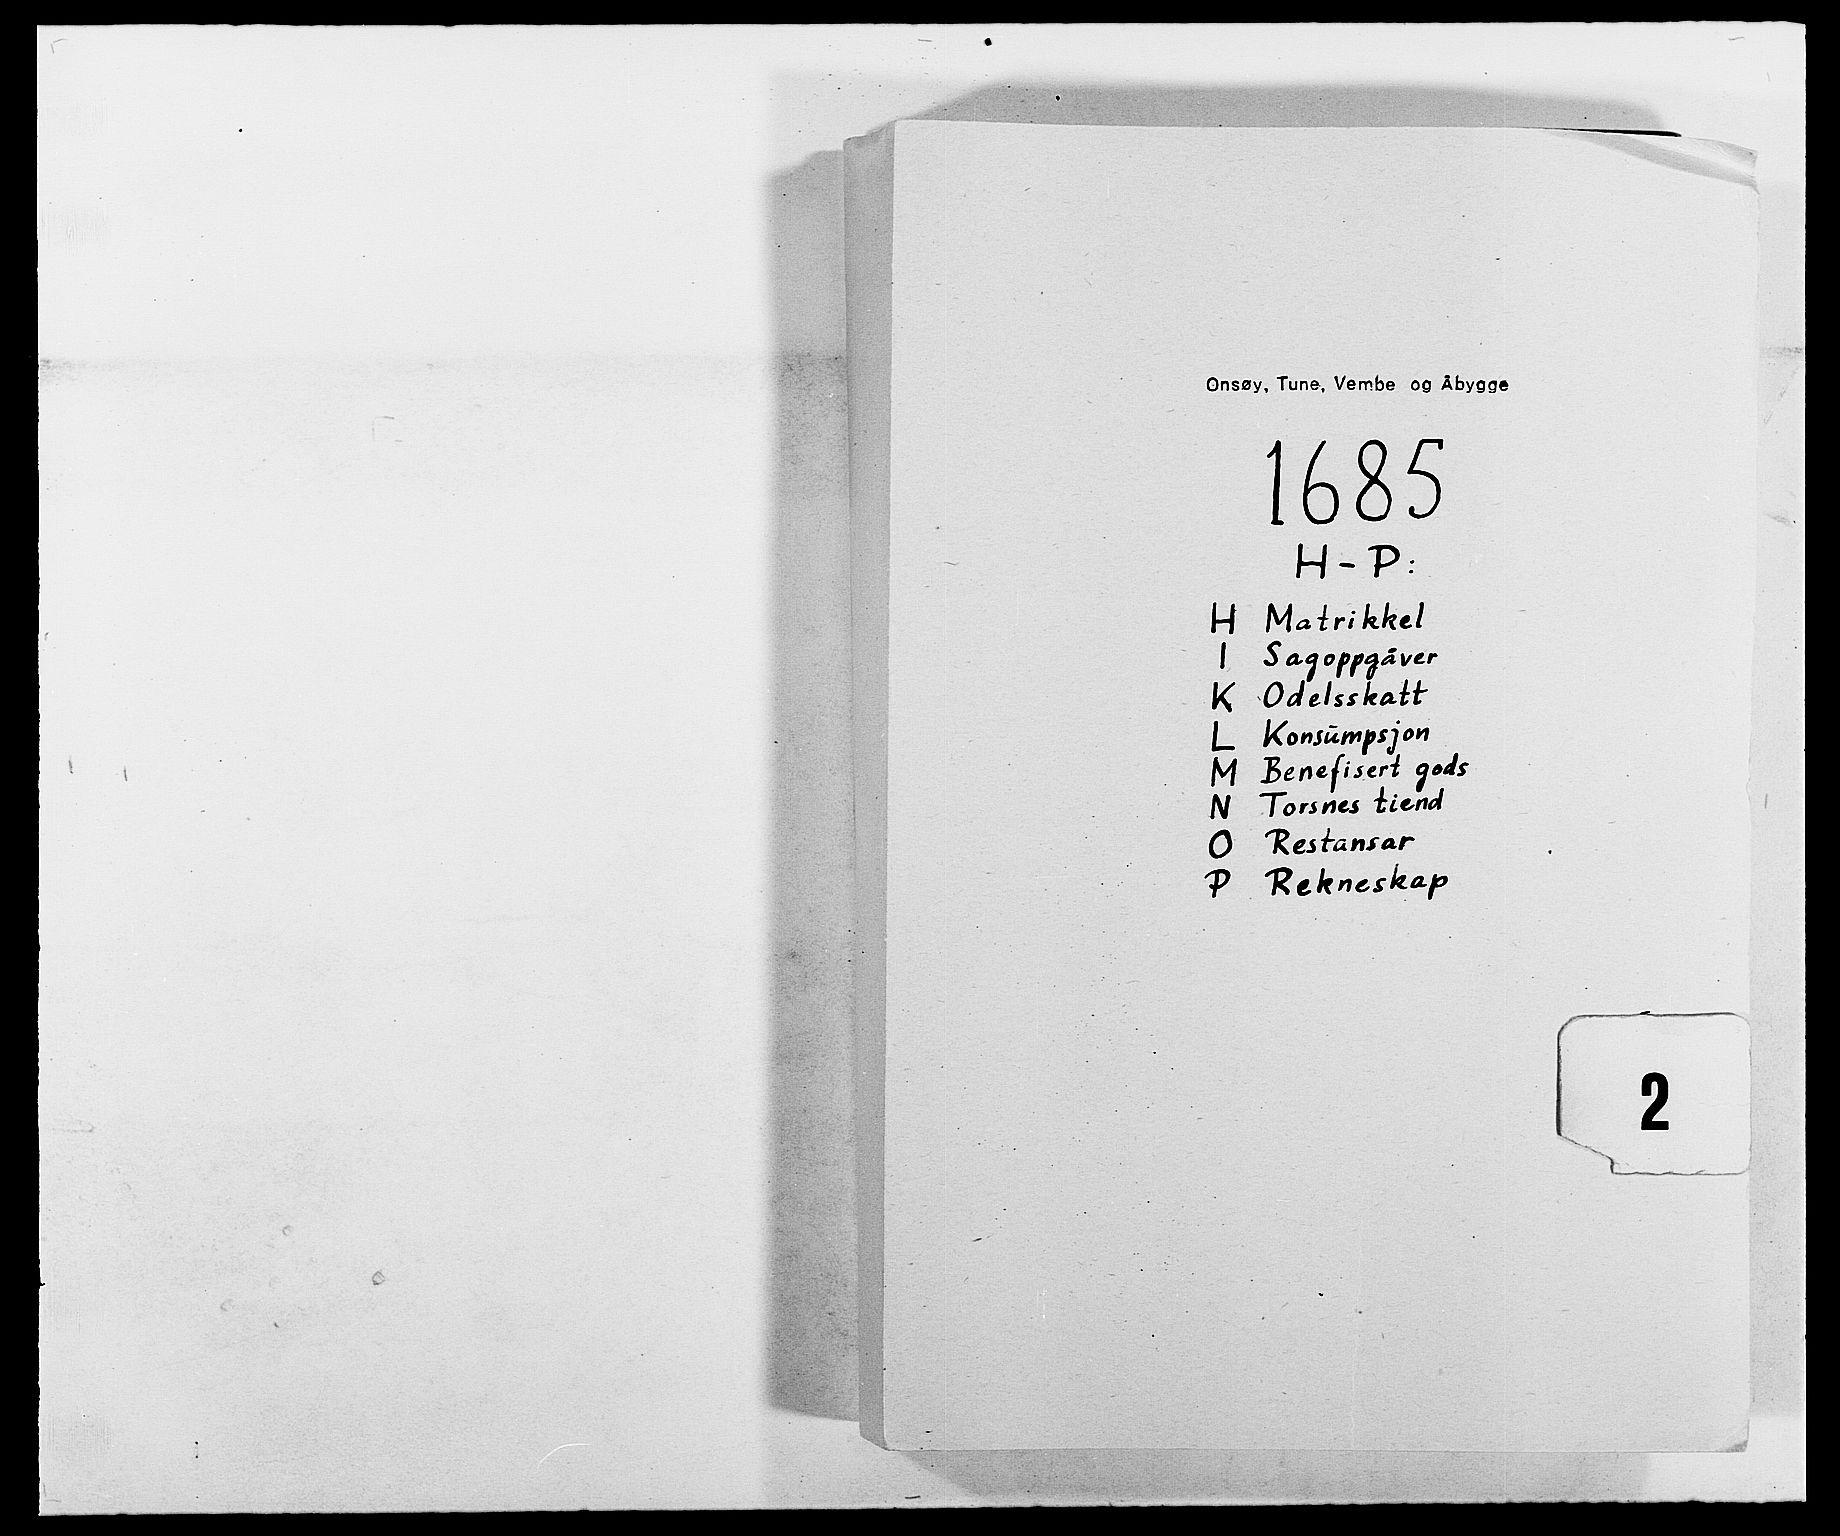 RA, Rentekammeret inntil 1814, Reviderte regnskaper, Fogderegnskap, R03/L0116: Fogderegnskap Onsøy, Tune, Veme og Åbygge fogderi, 1684-1689, s. 1